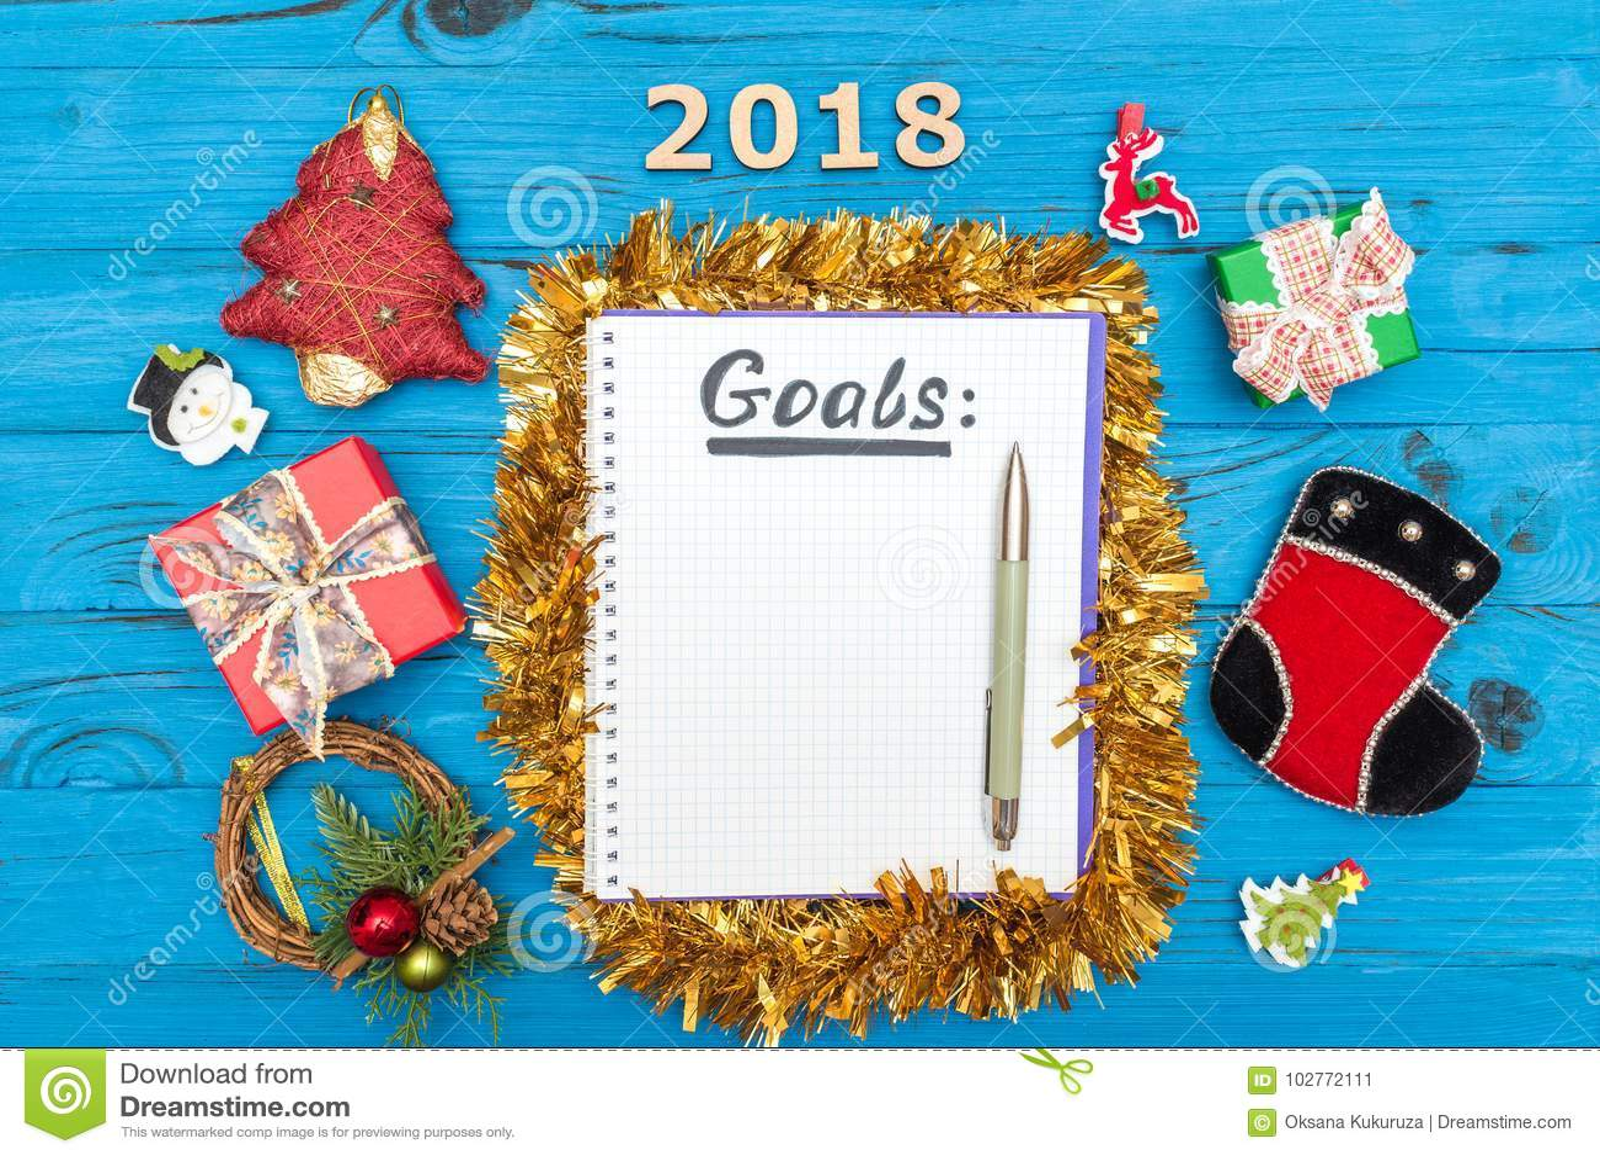 Carnet avec des buts de nouvelles années pour 2018 avec un stylo et numéros 2018, boîte-cadeau et ornements de nouvelle année sur